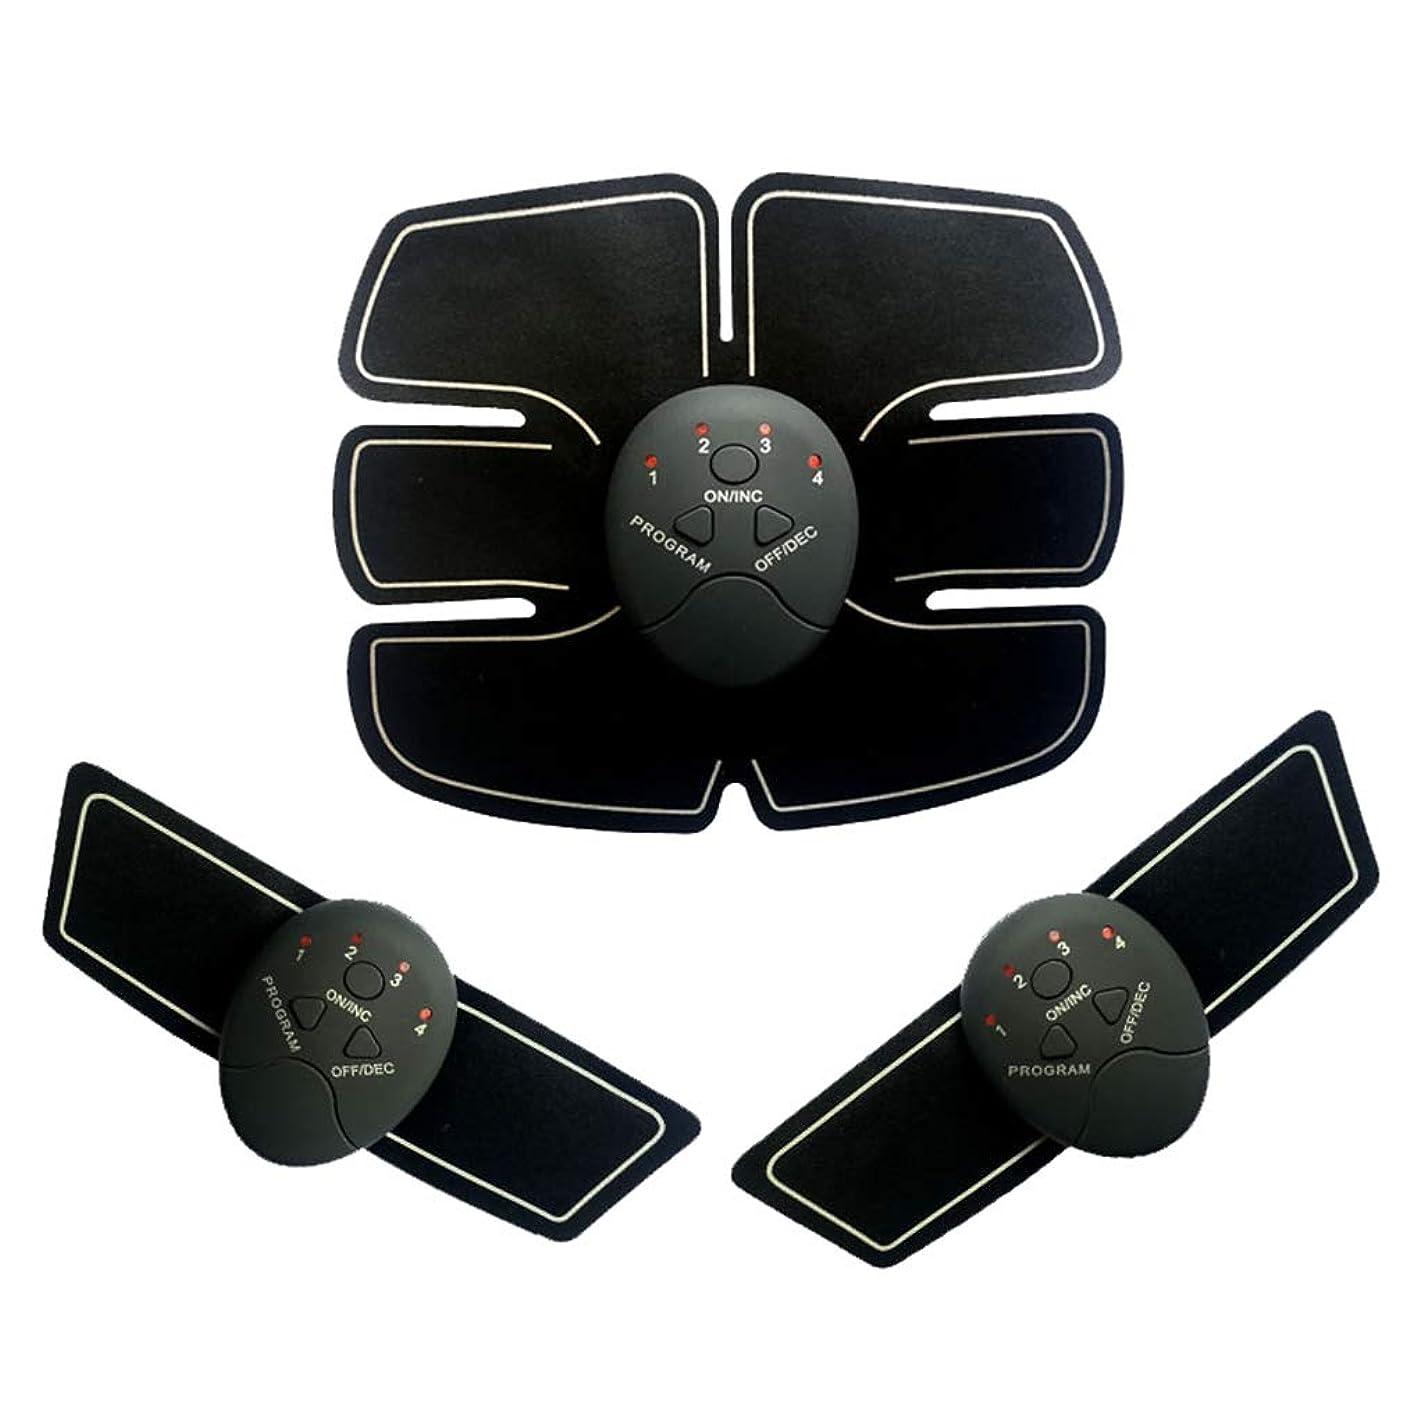 中世の主人陸軍Ab調色ベルトウエストフィットネス薄いベルト、EMS腹筋トレーナー筋肉刺激ボディービル腹部ベルトホームインテリジェント筋肉トレーニングフィットネス機器筋肉腹部トレーナー (Color : BLACK, Size : 19*20CM)